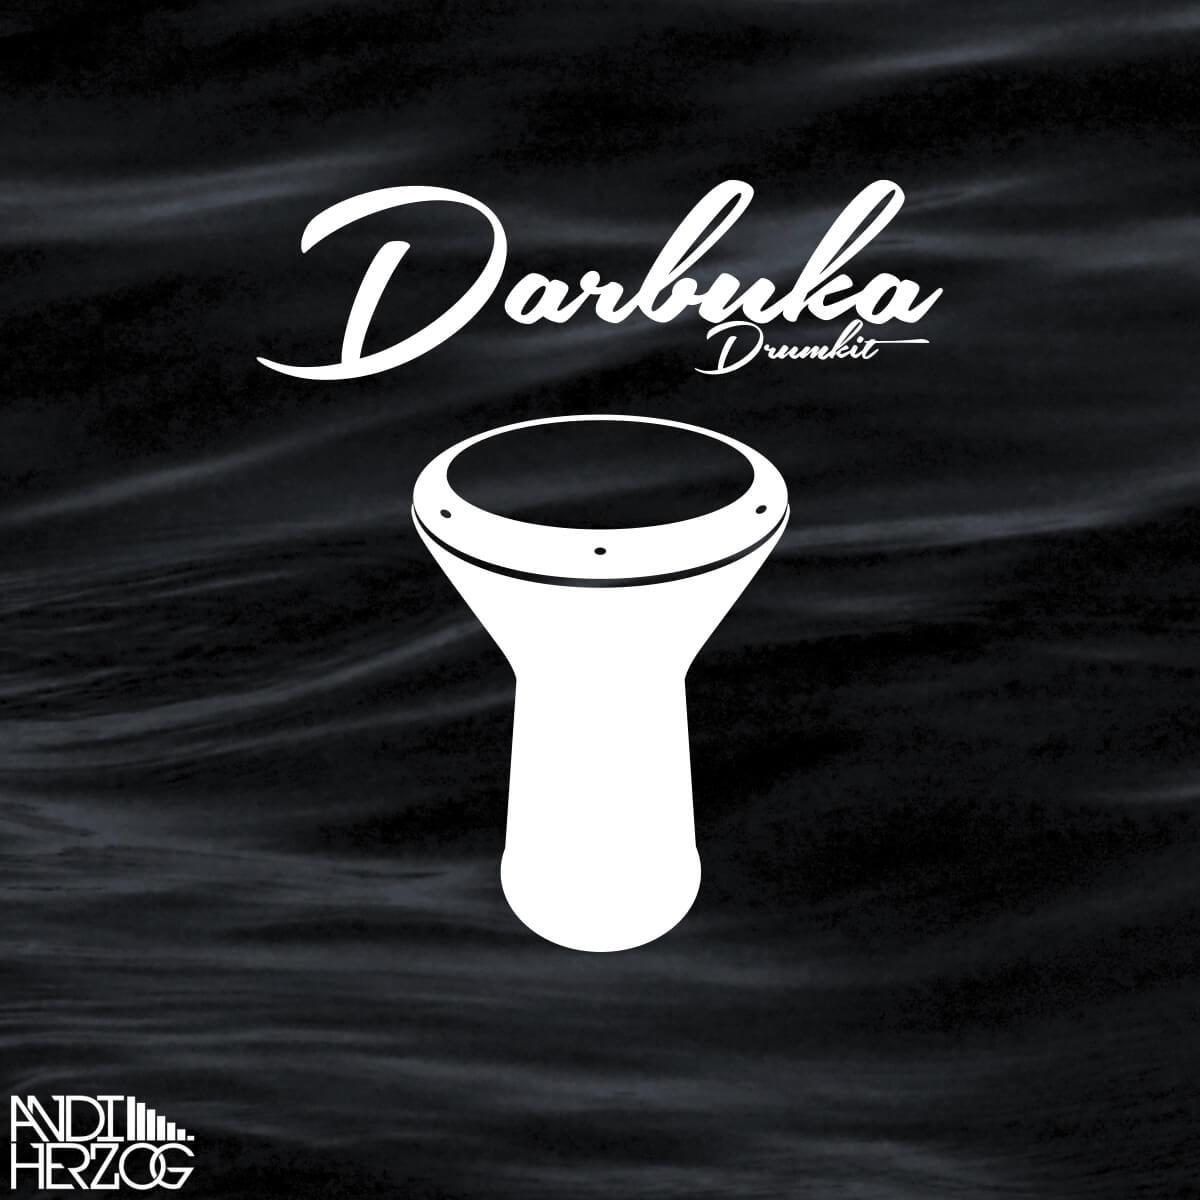 Darbuka Drumkit - Percussion Sounds - Andi Herzog